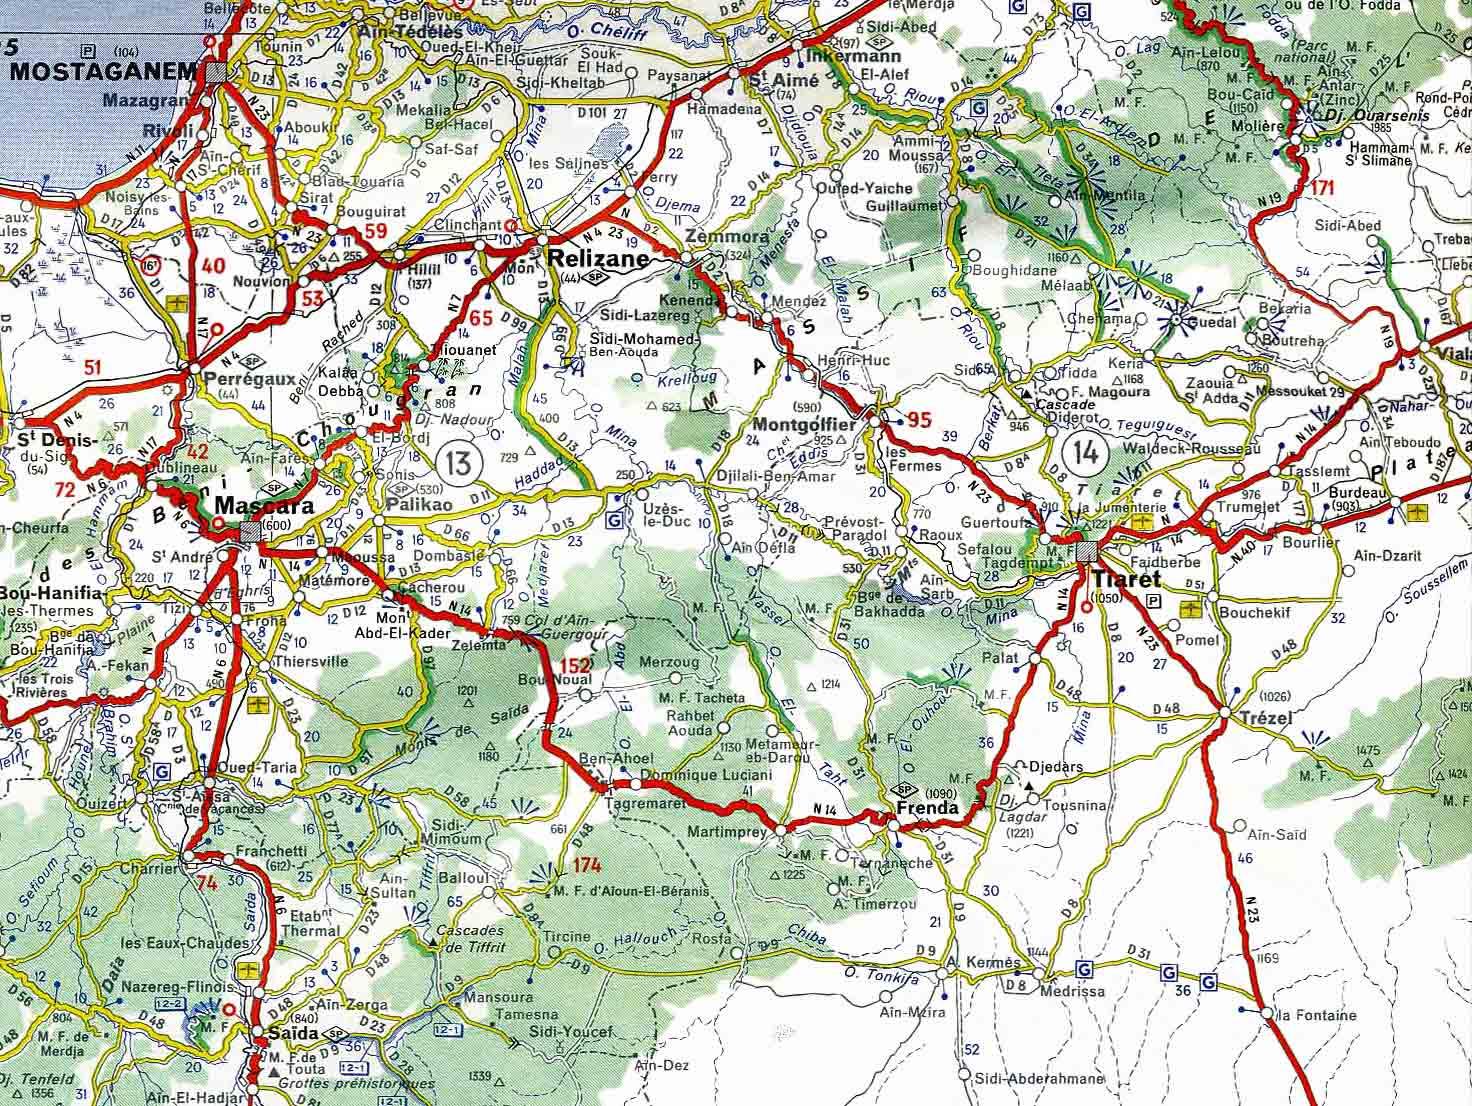 """Vous pouvez agrandir la partie gauche de la carte à toute la """"Région ..."""